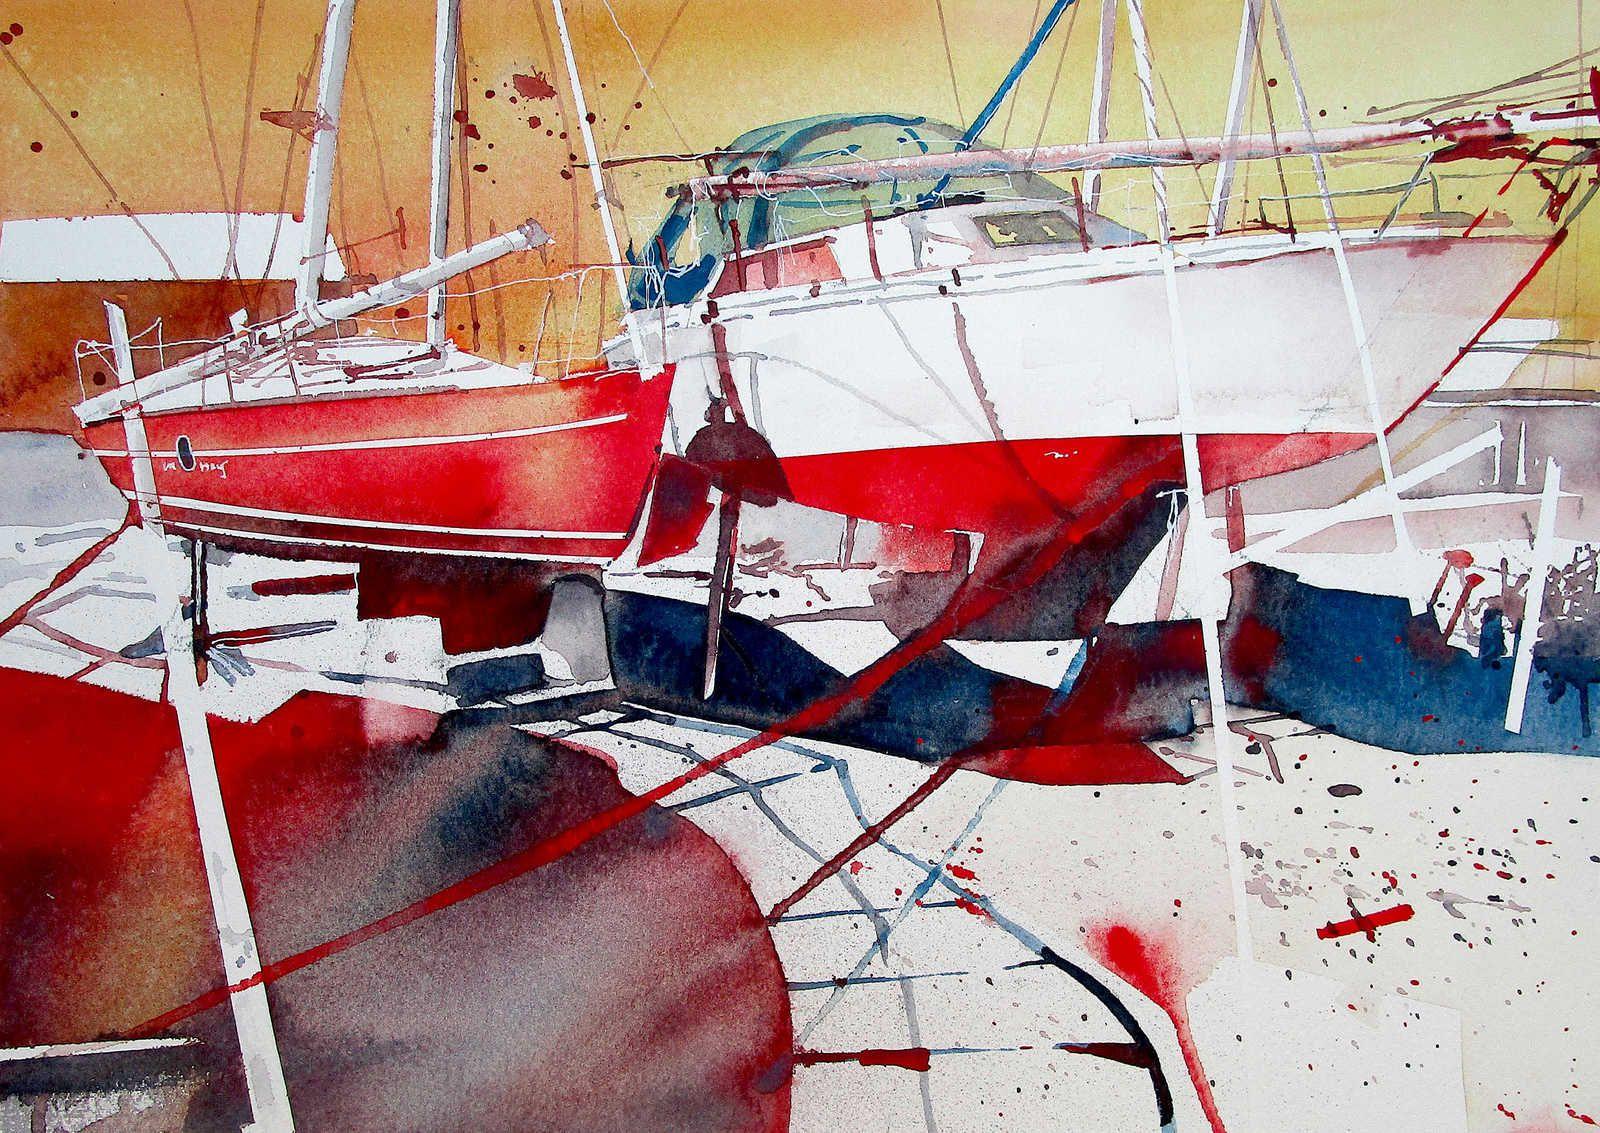 Baie de Somme, Saint-Valery-Canal, bateaux rouges.